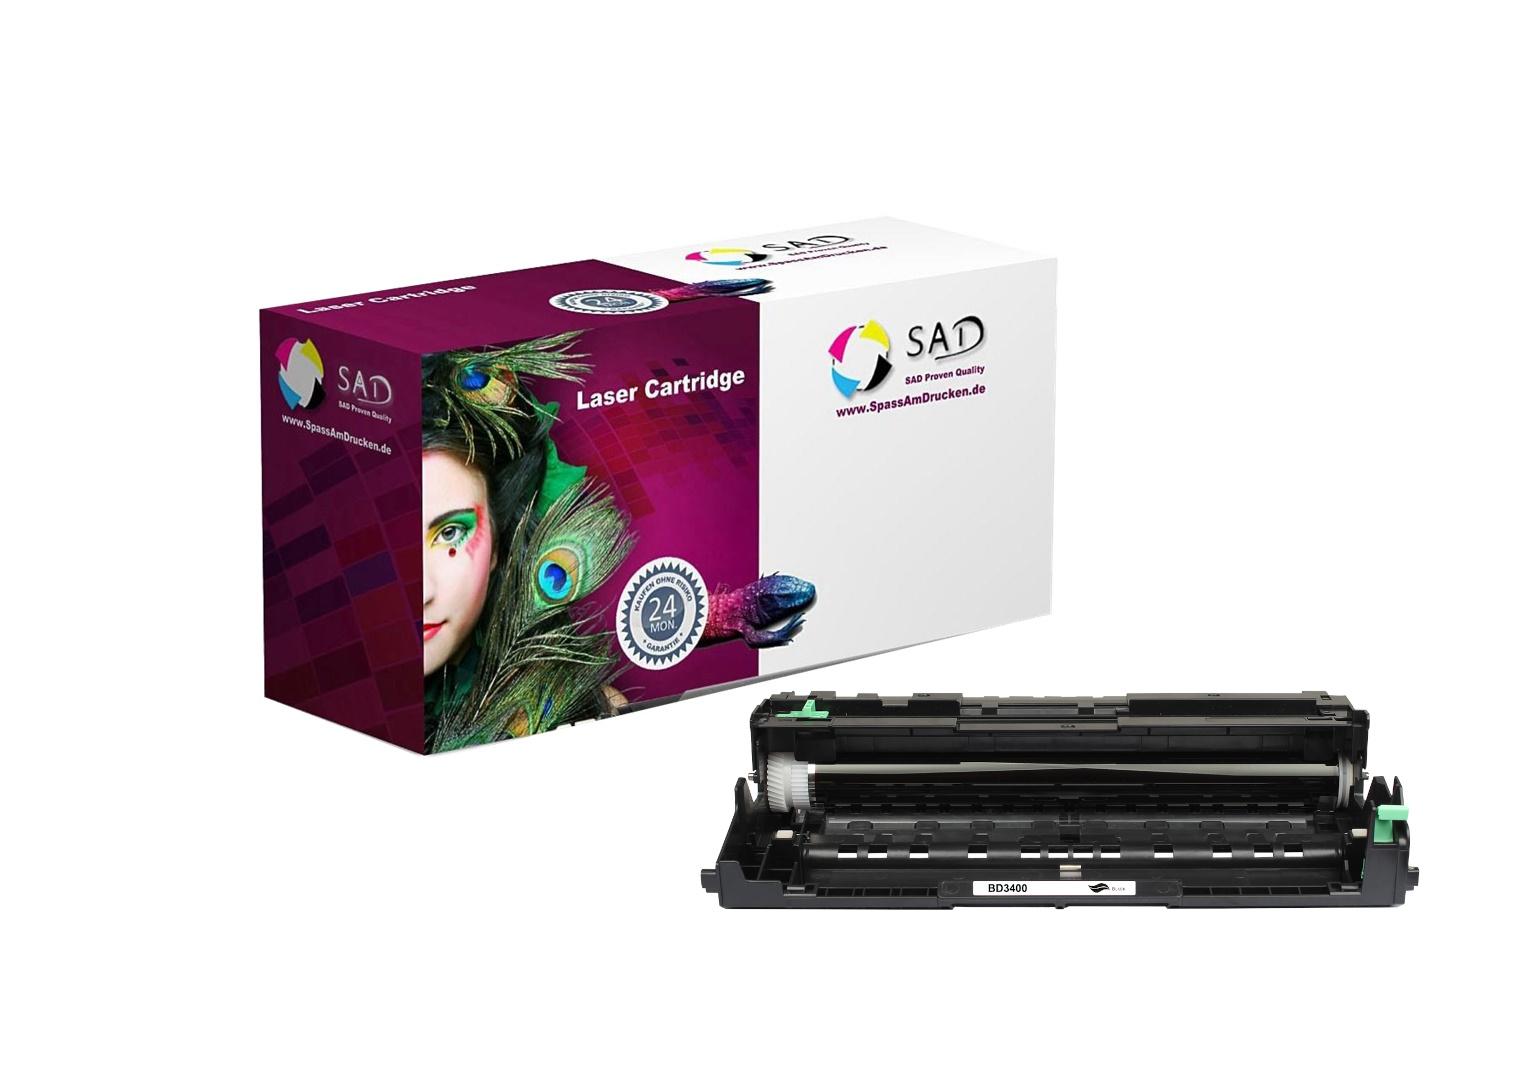 SAD Premium Trommel kompatibel mit Brother DR-3400 - ca. 50.000 Seiten